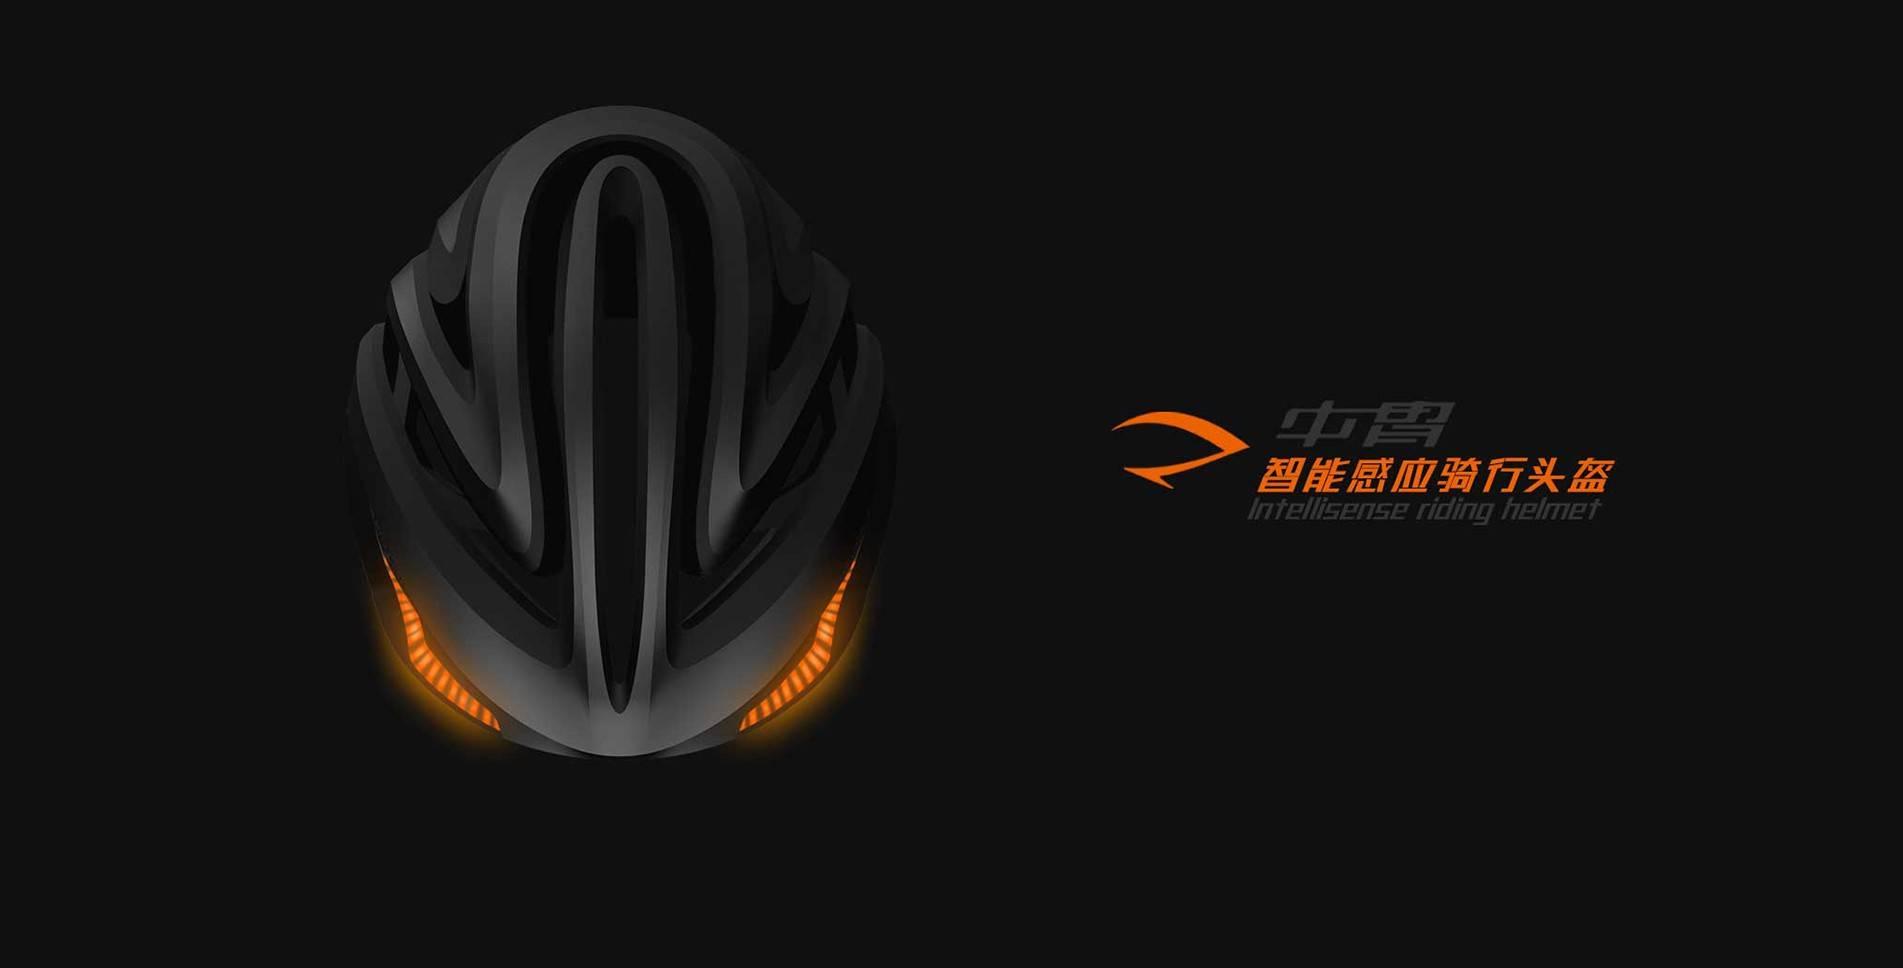 騎行頭盔設計